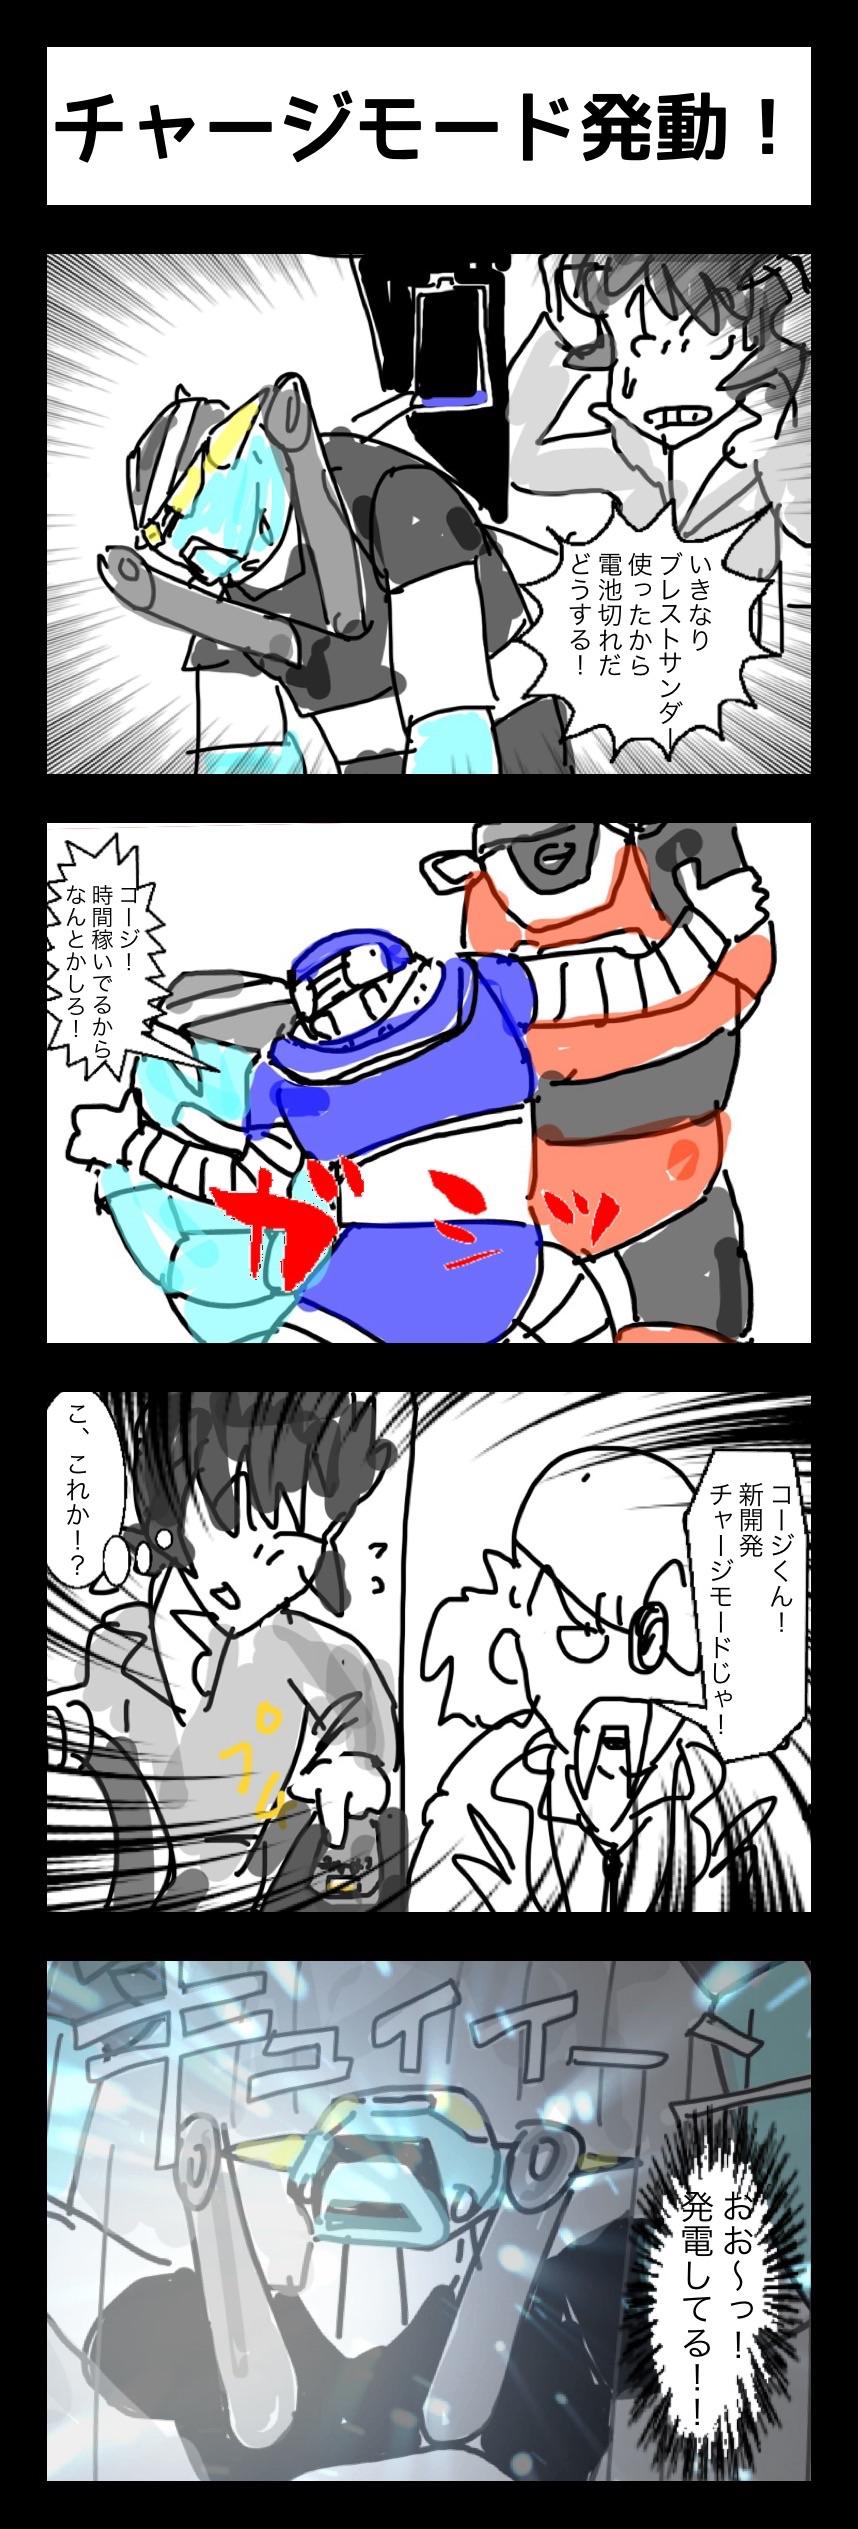 連載4コマ漫画アトランダーV 26